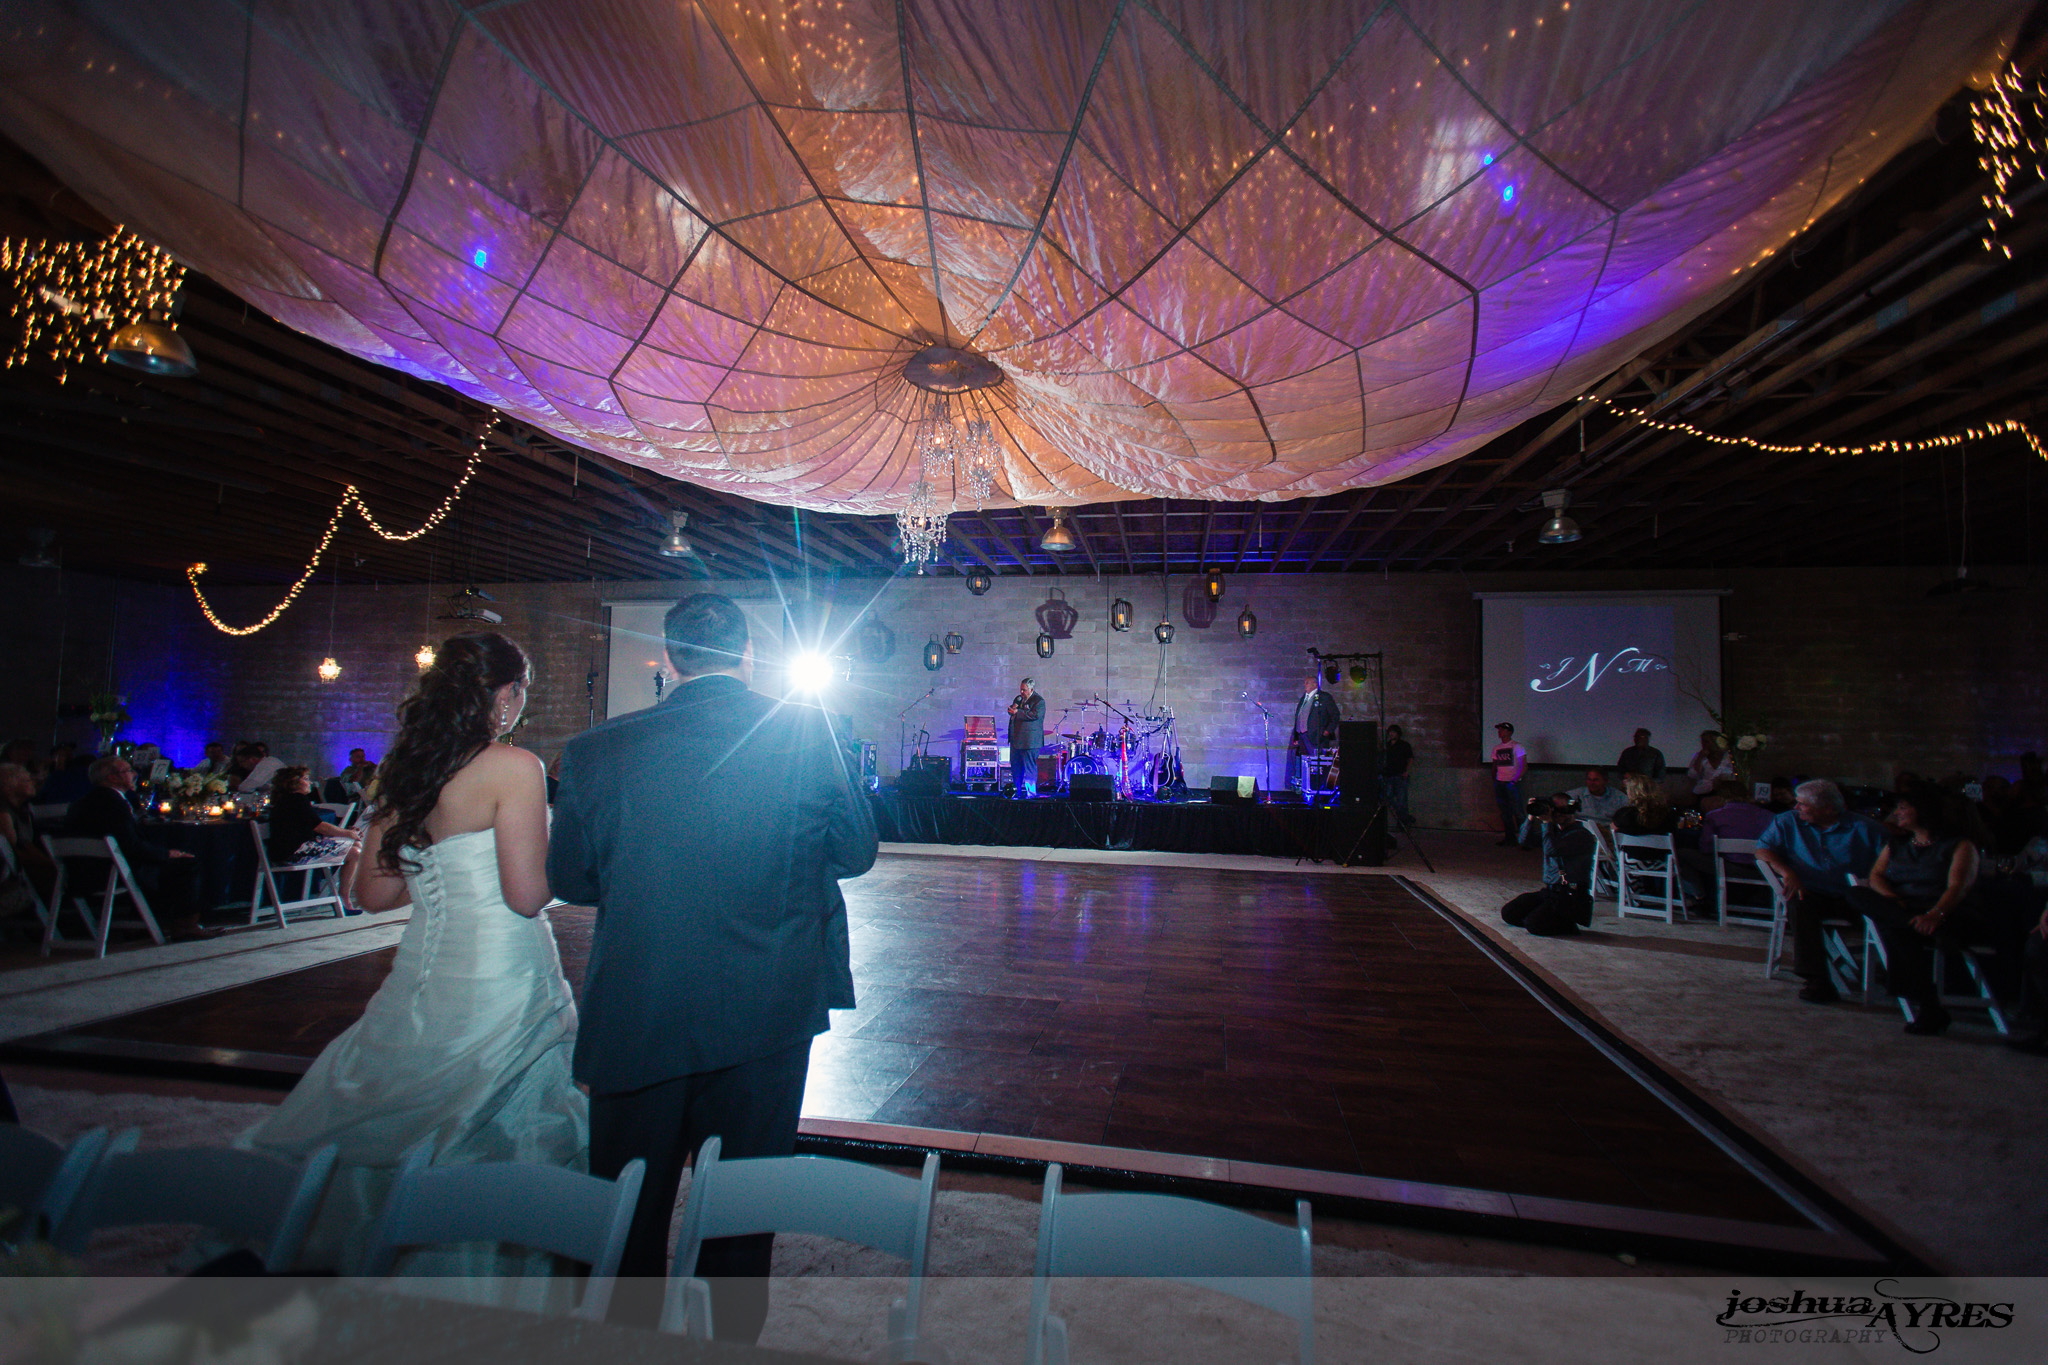 Wedding Planners in Wichita, KS